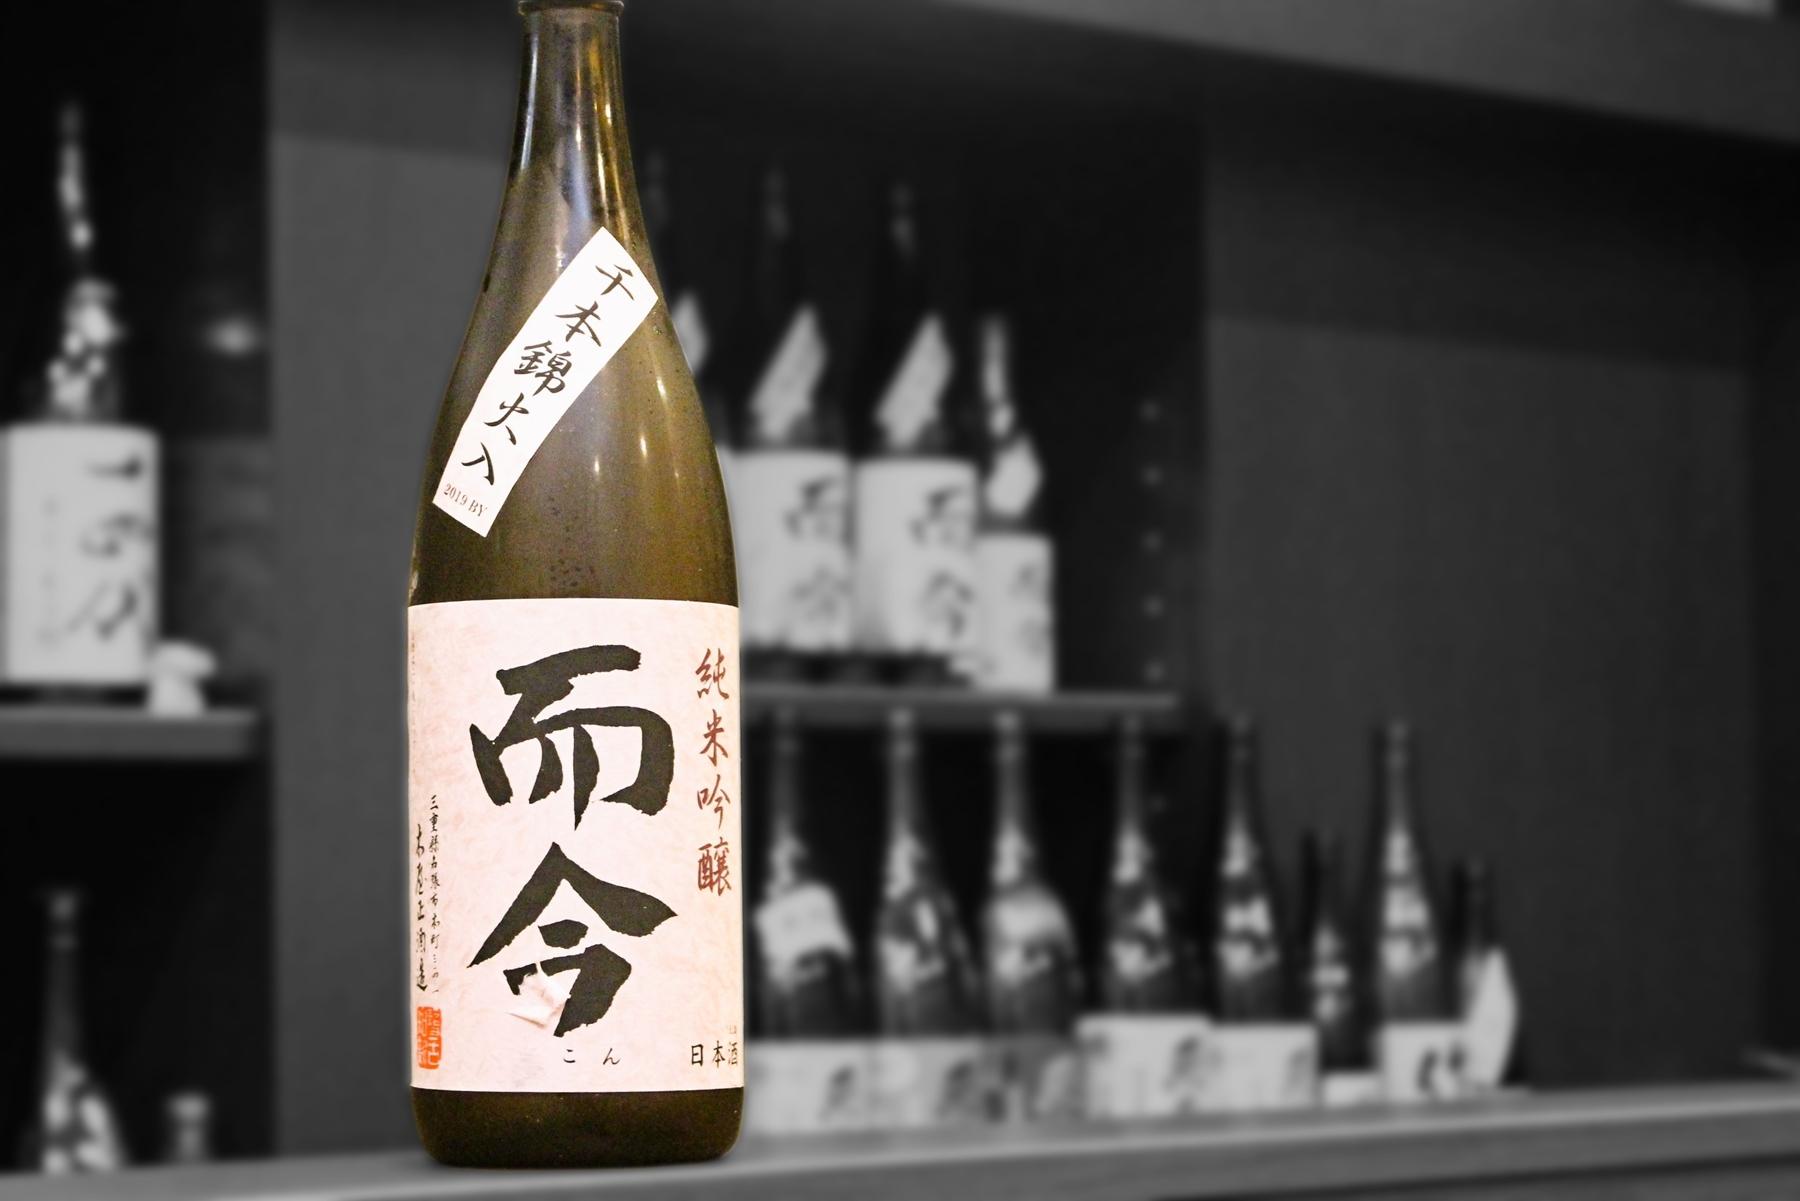 而今純米吟醸千本錦火入202008-001